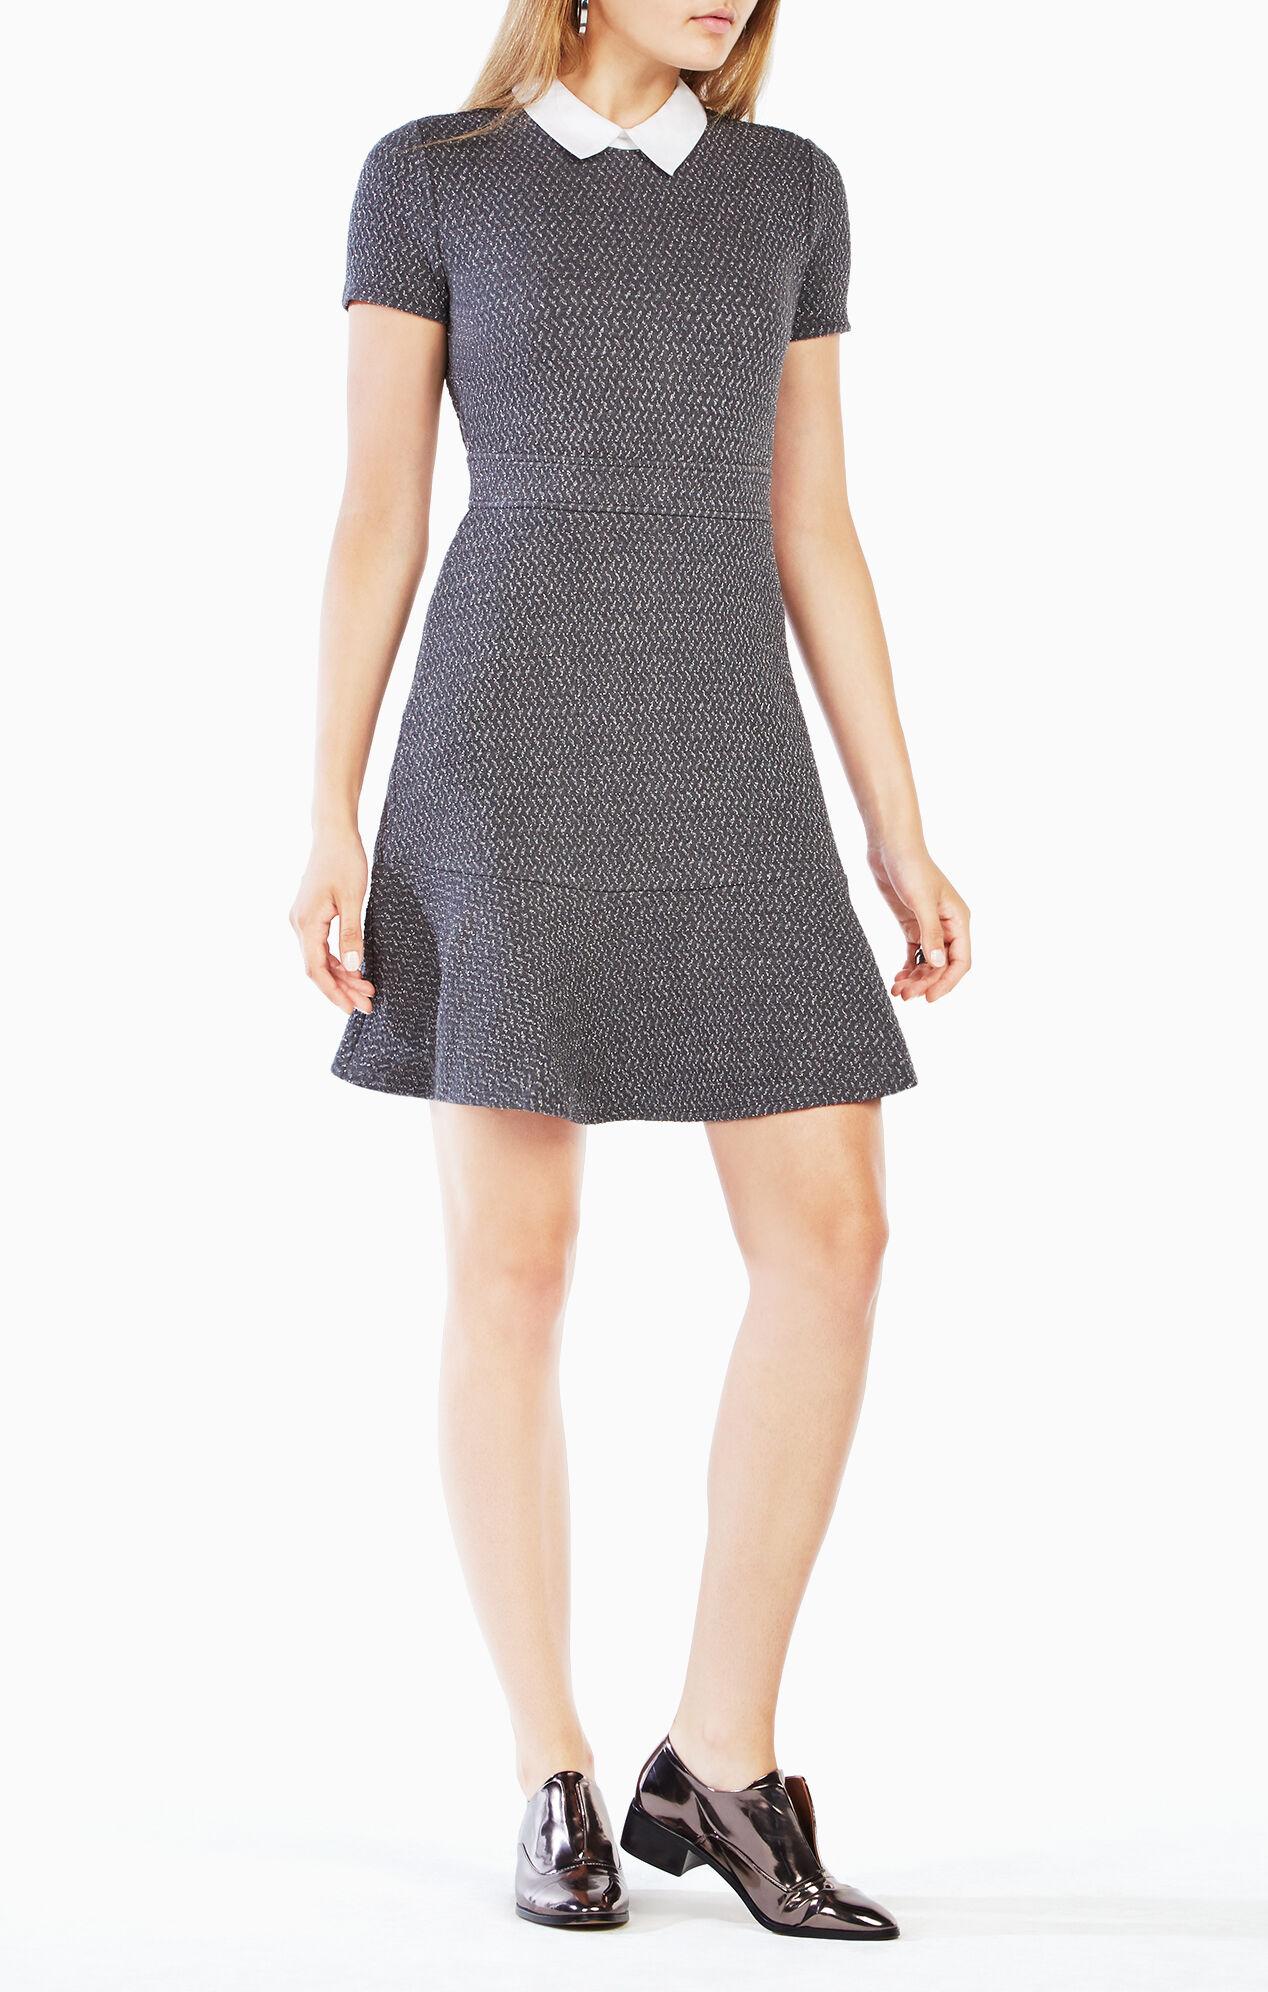 Ginnie Collared Dress